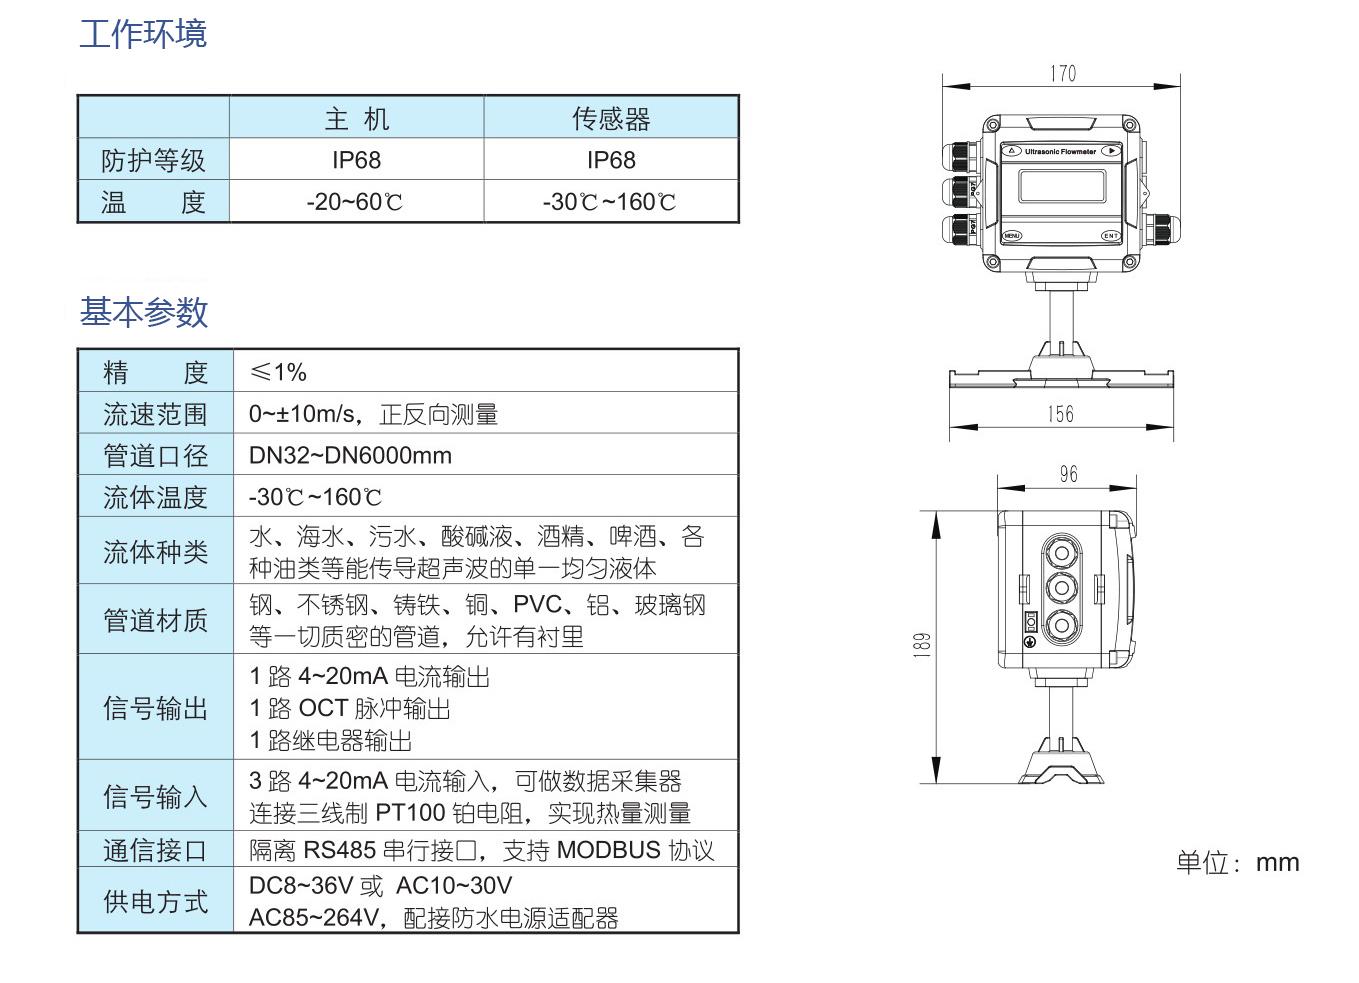 TUF-2000F 一体管段式超声波流量计的工作环境与参数